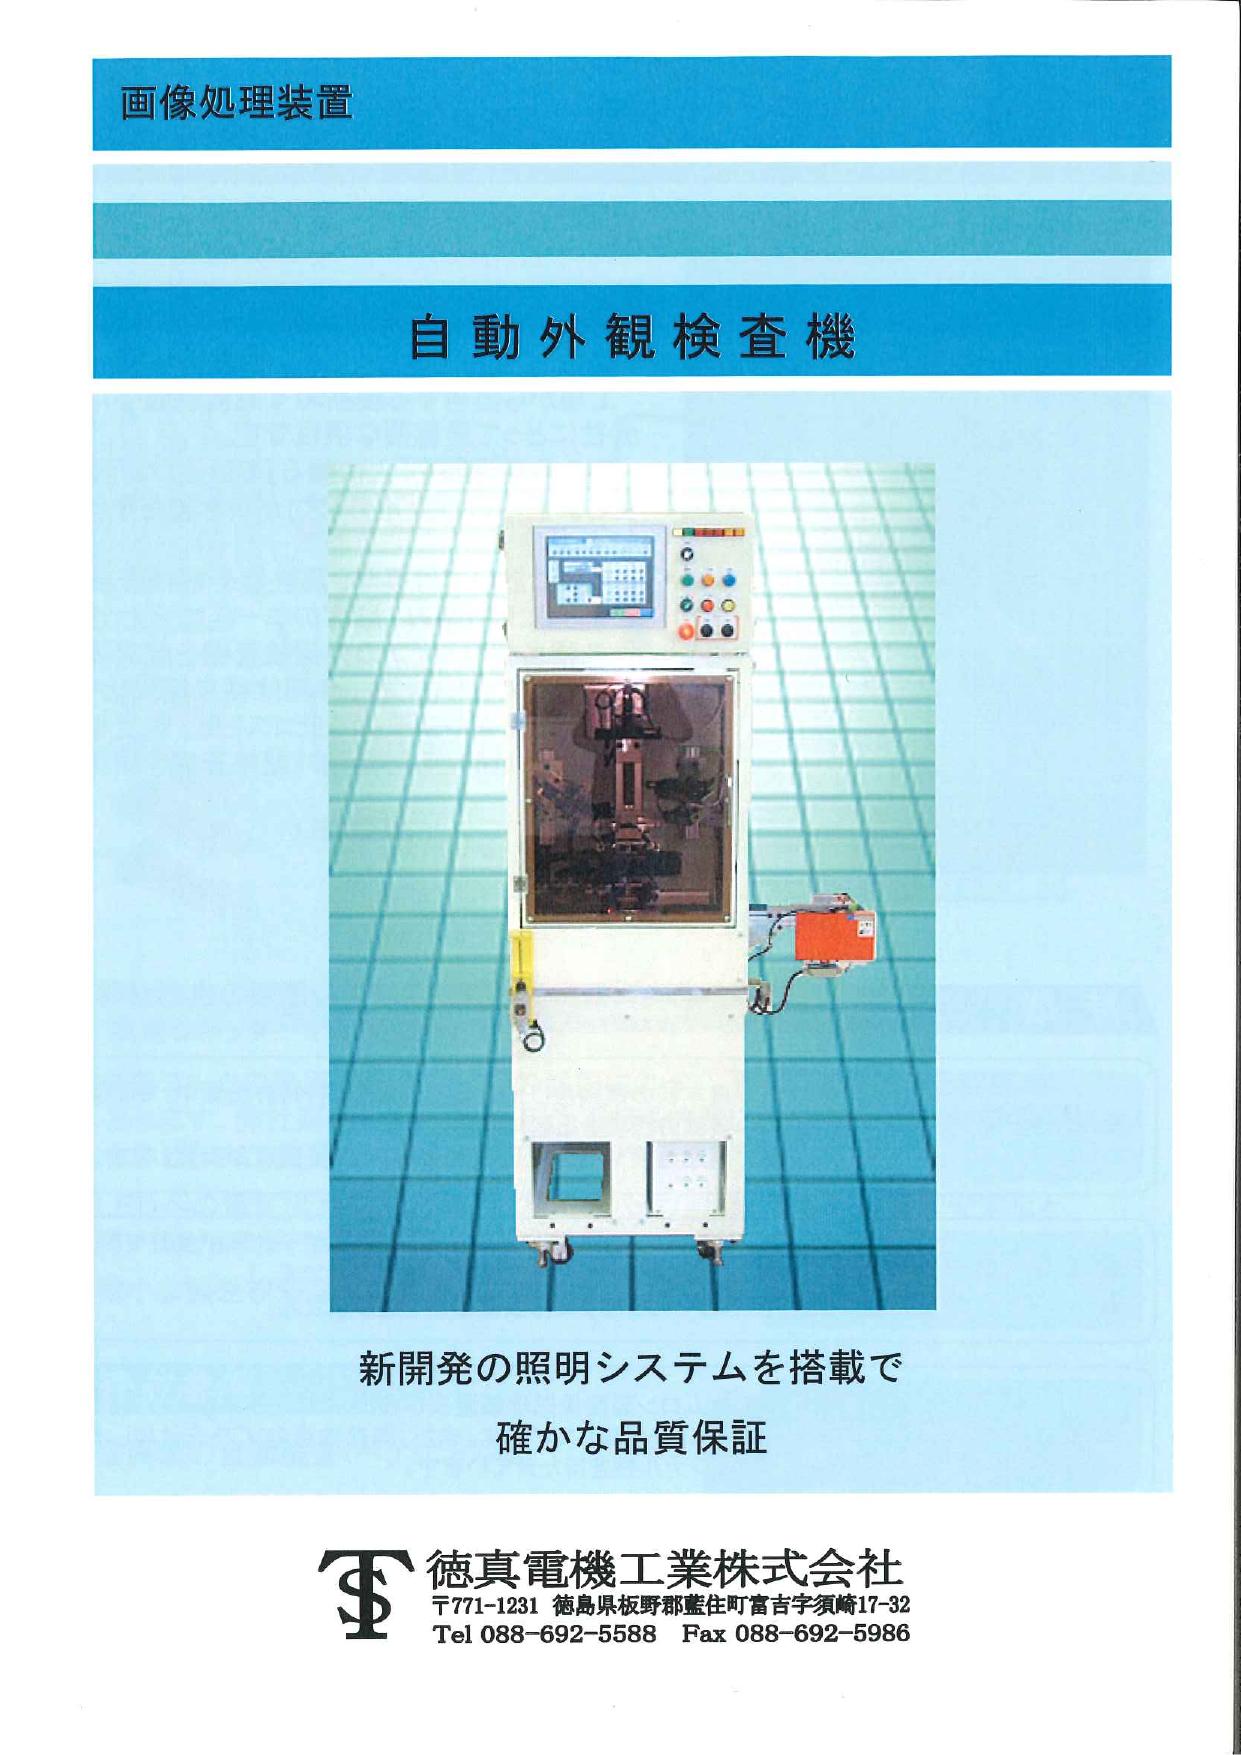 画像処理装置 次世代型高性能 自動外観検査機